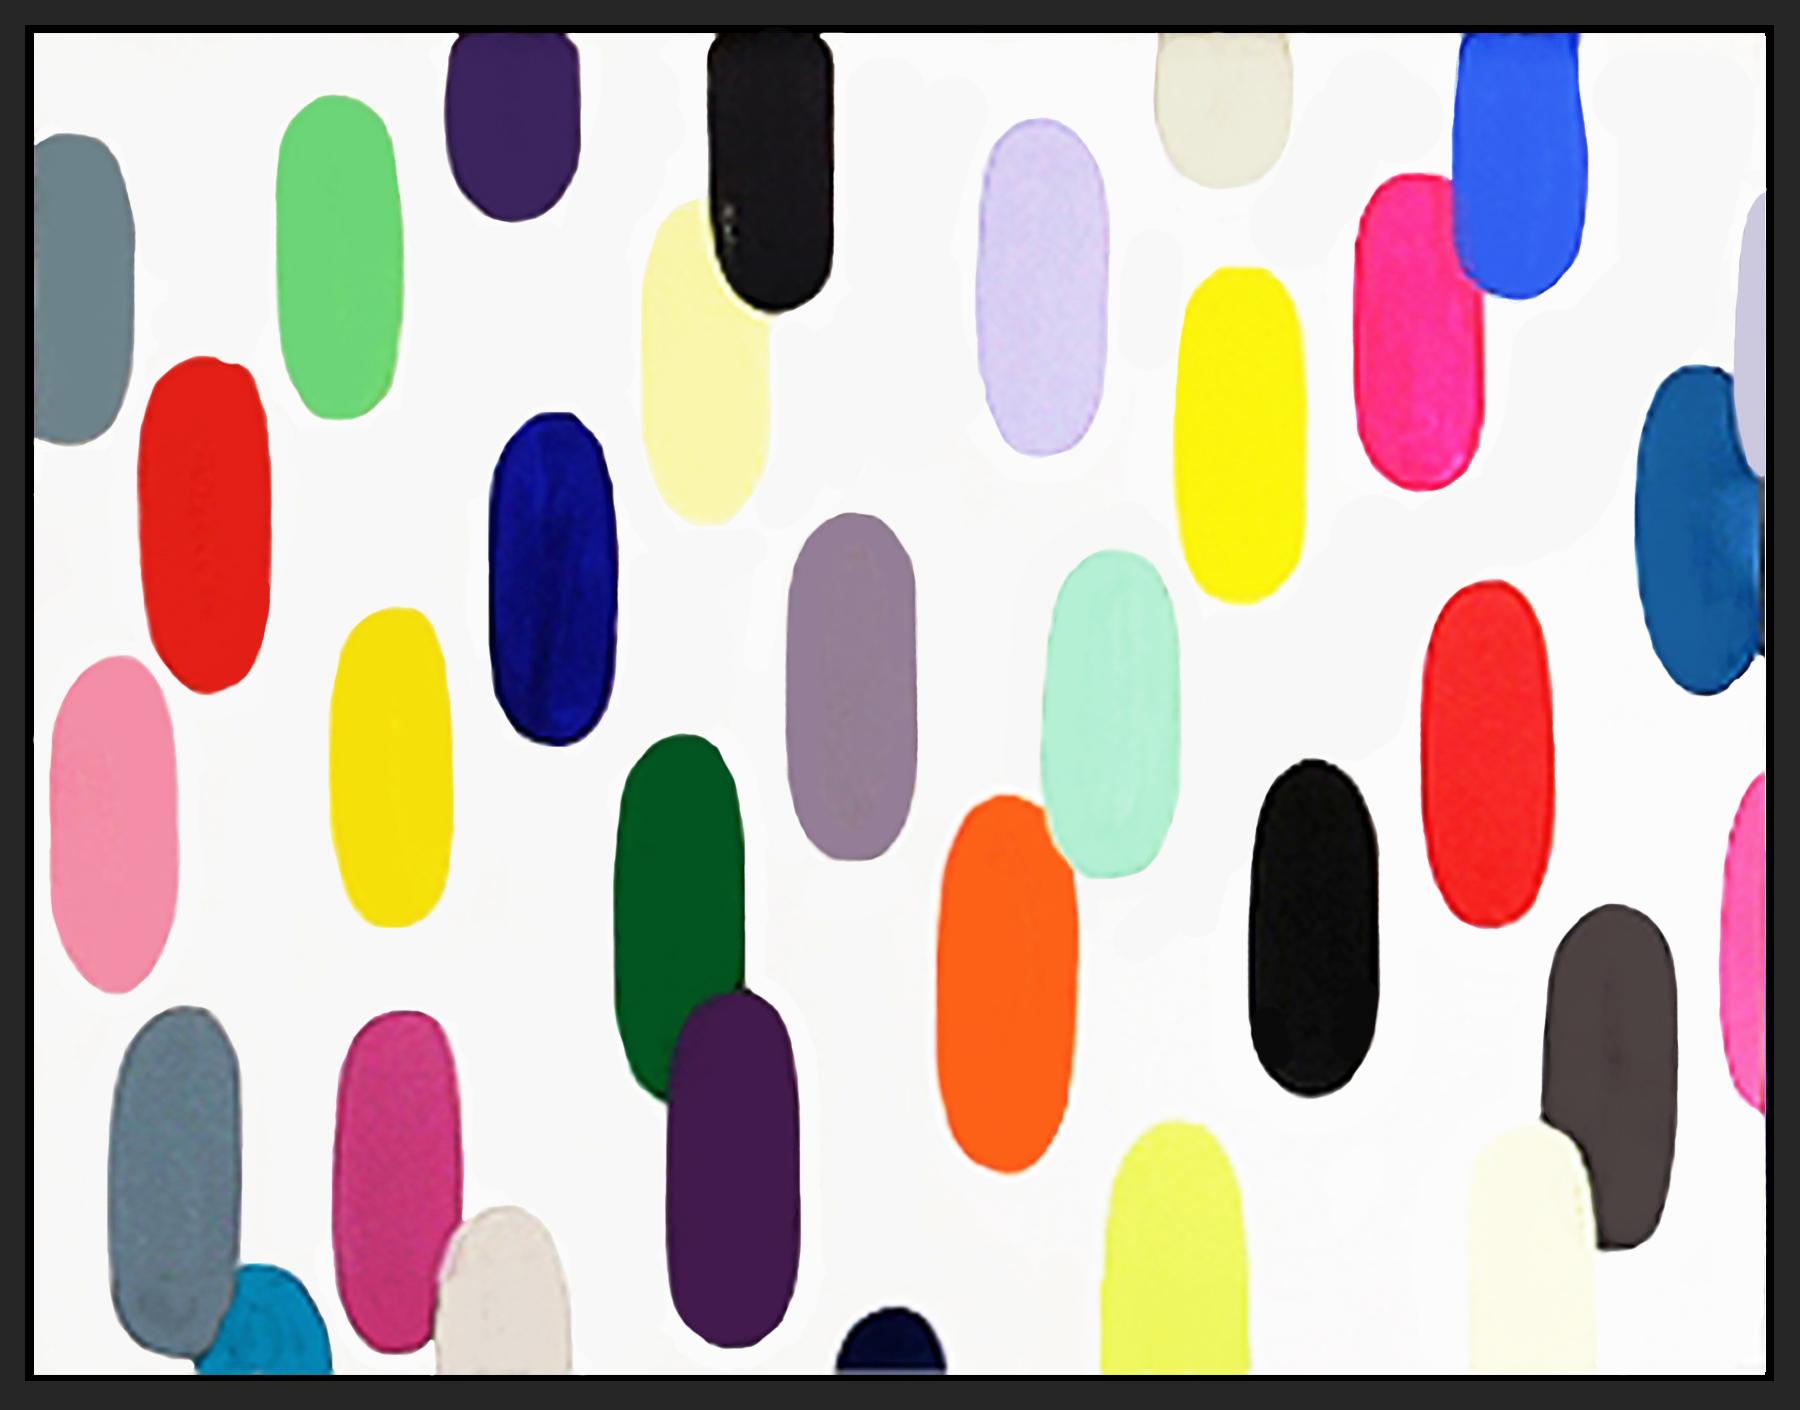 """Jelly Bean#59, 2018, acrylic on canvas, 48"""" x 36"""" (122 x 91.4 cm) in Seoul, Korea"""